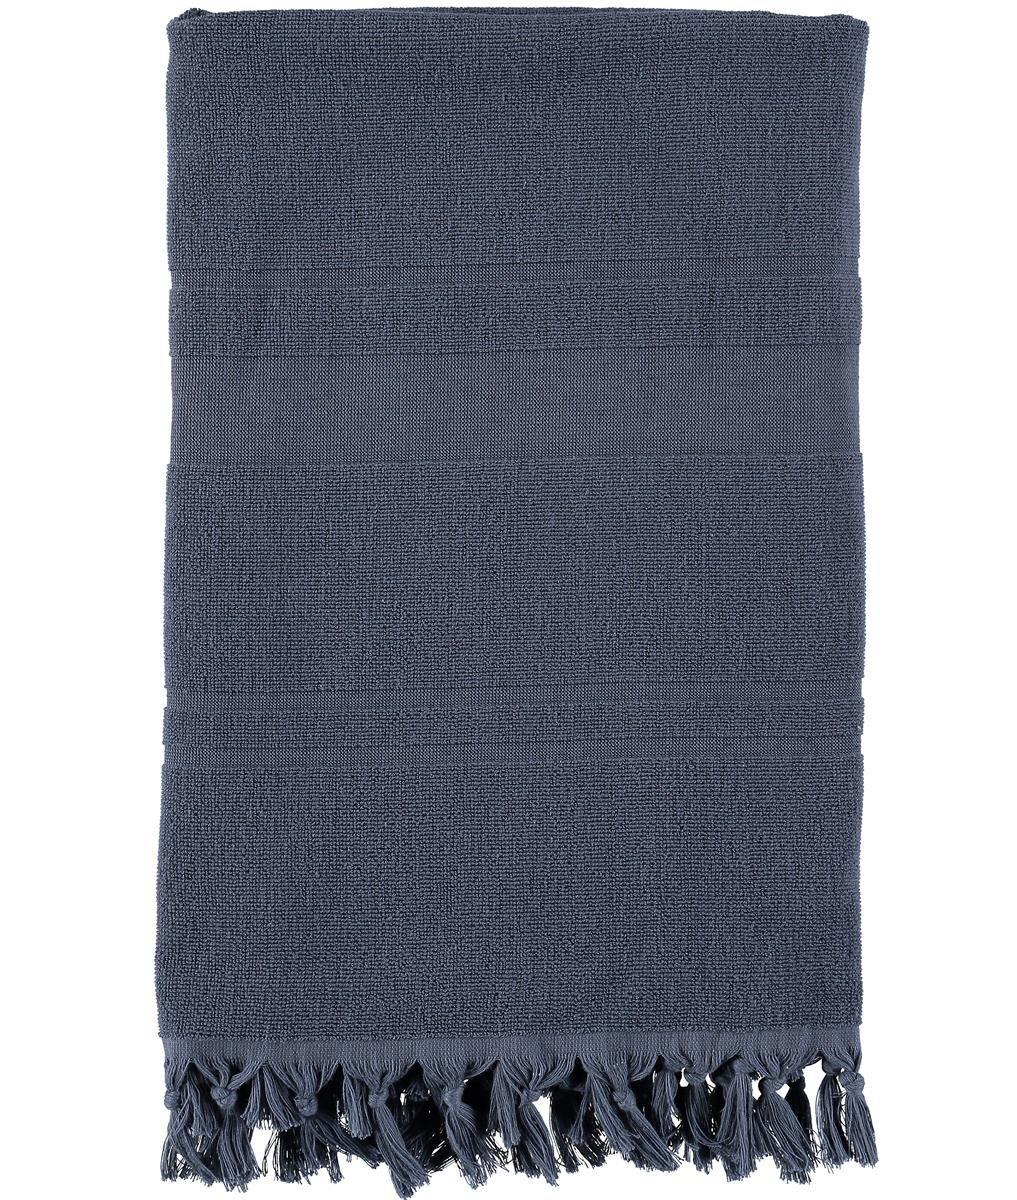 Badhandduk/Hamam indigo blå